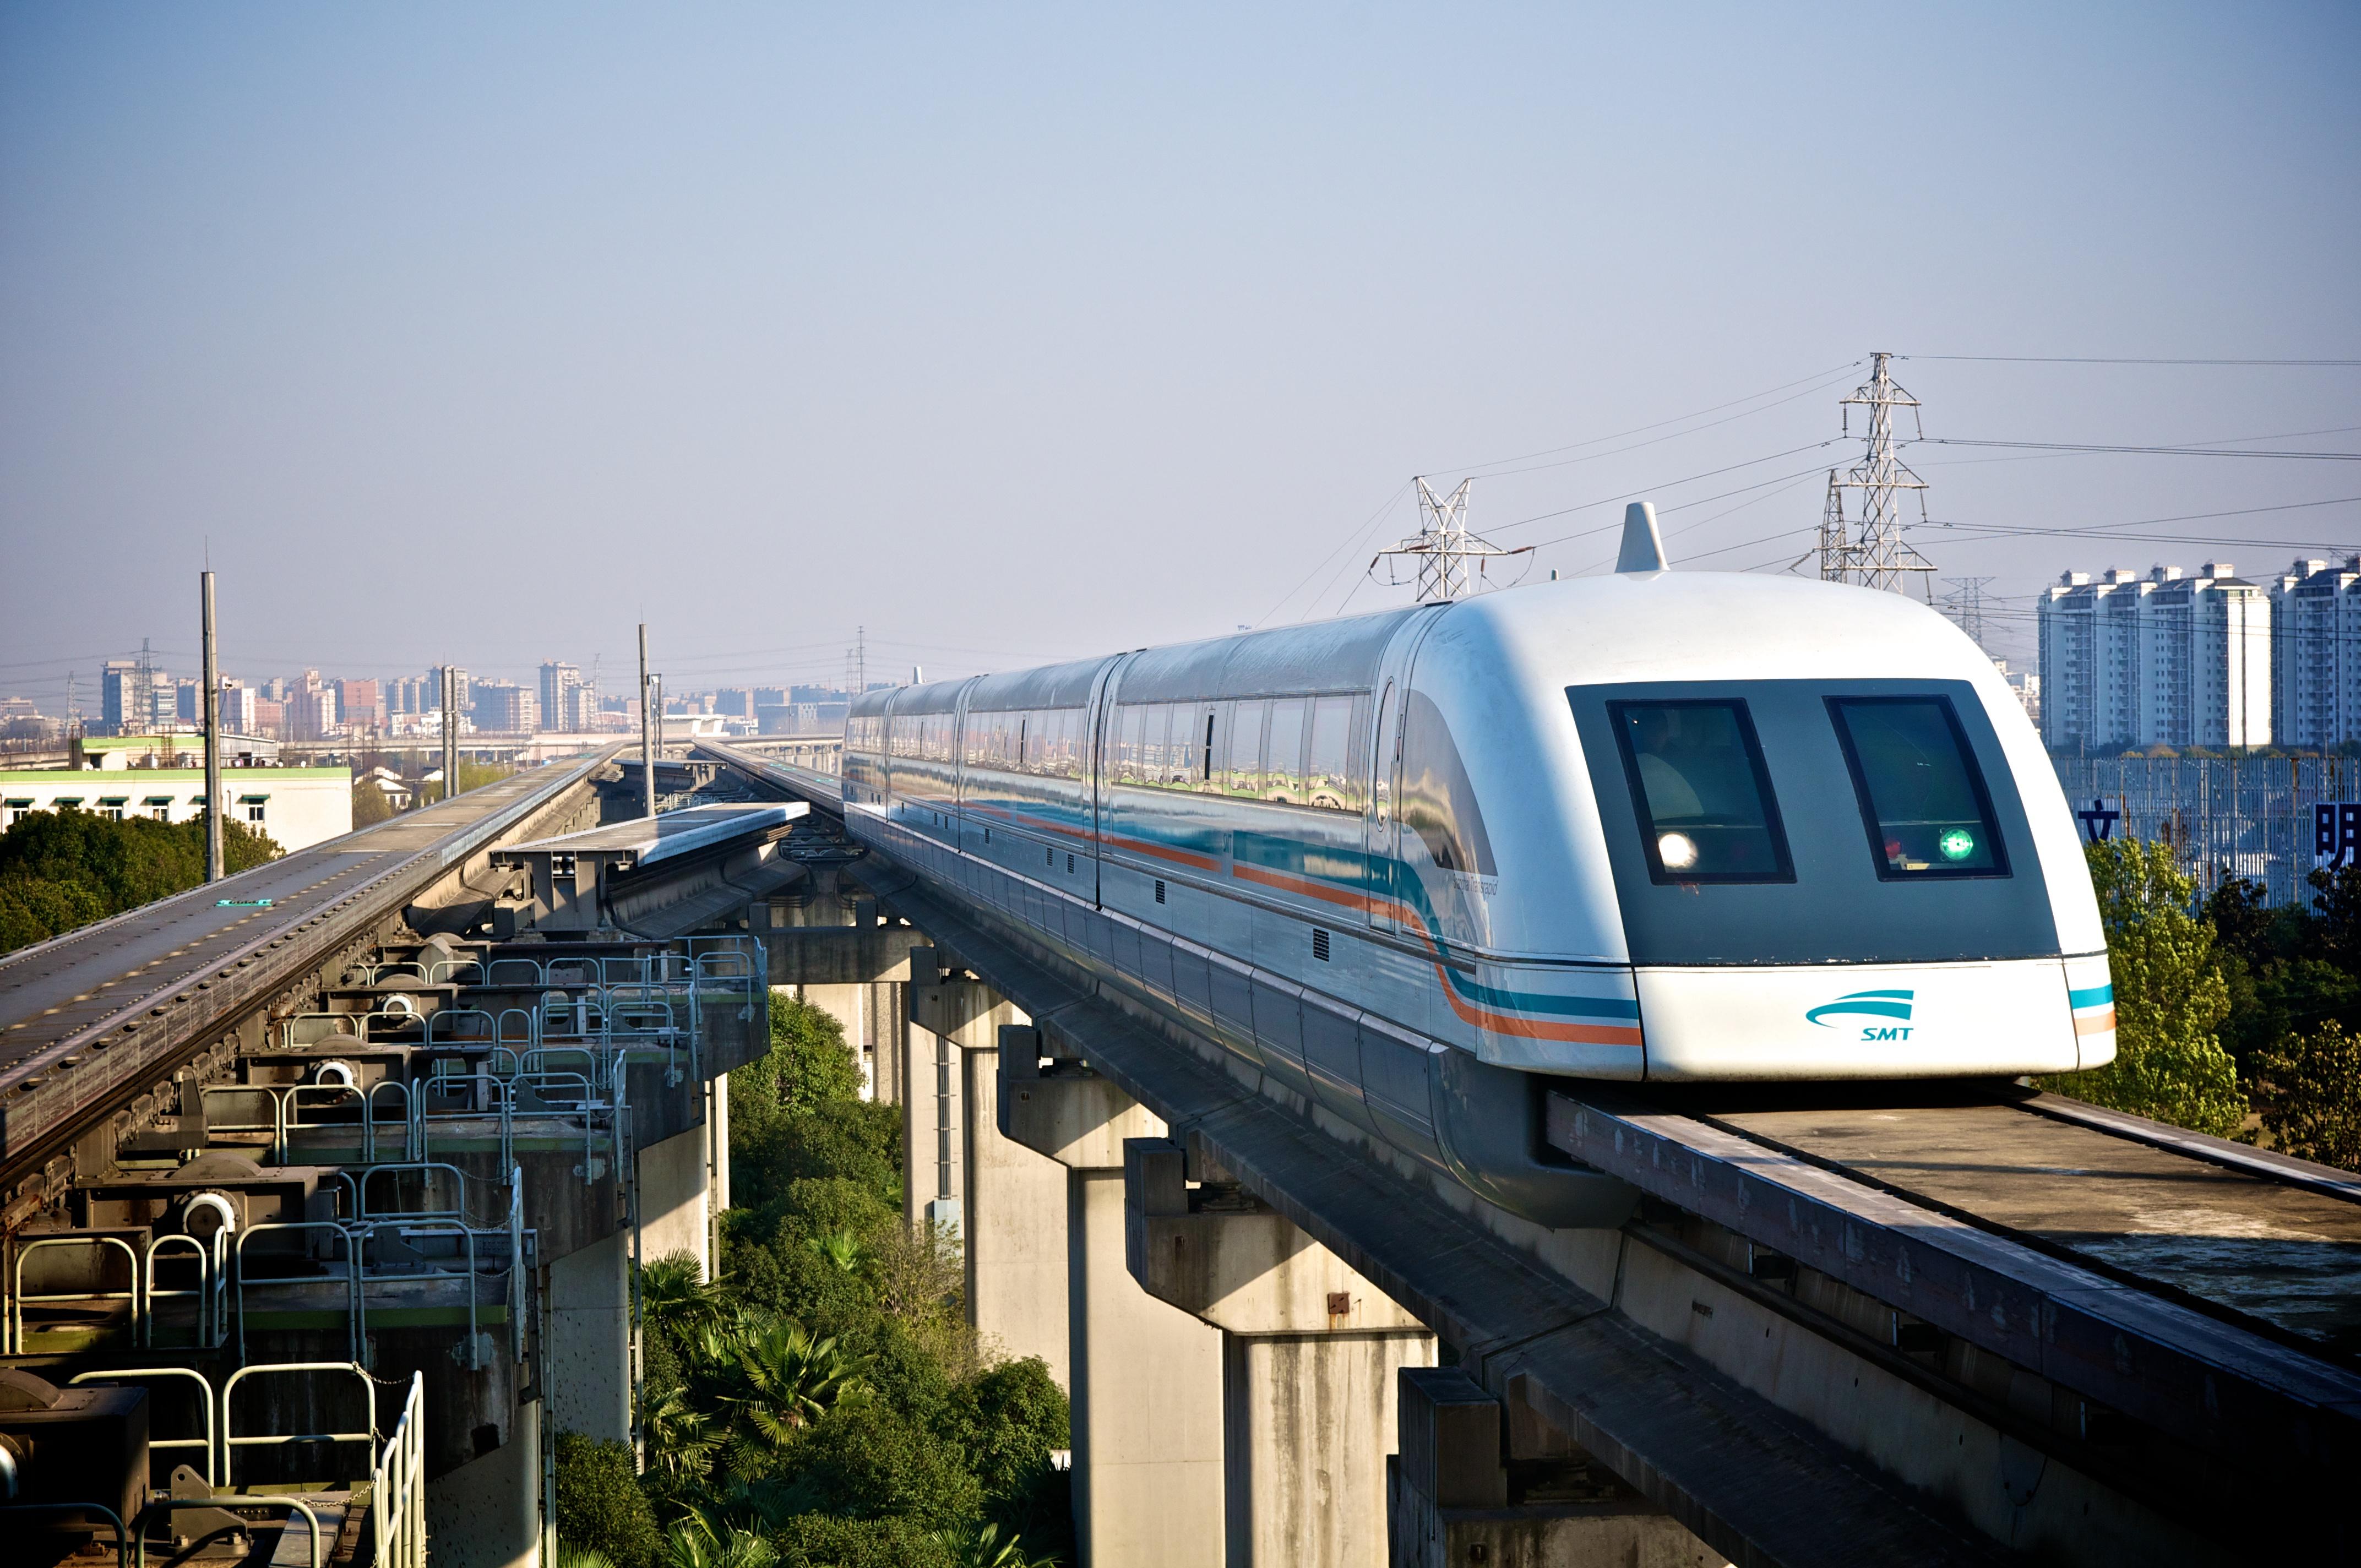 El futuro del transporte ya está aquí. ¿Estamos preparados?